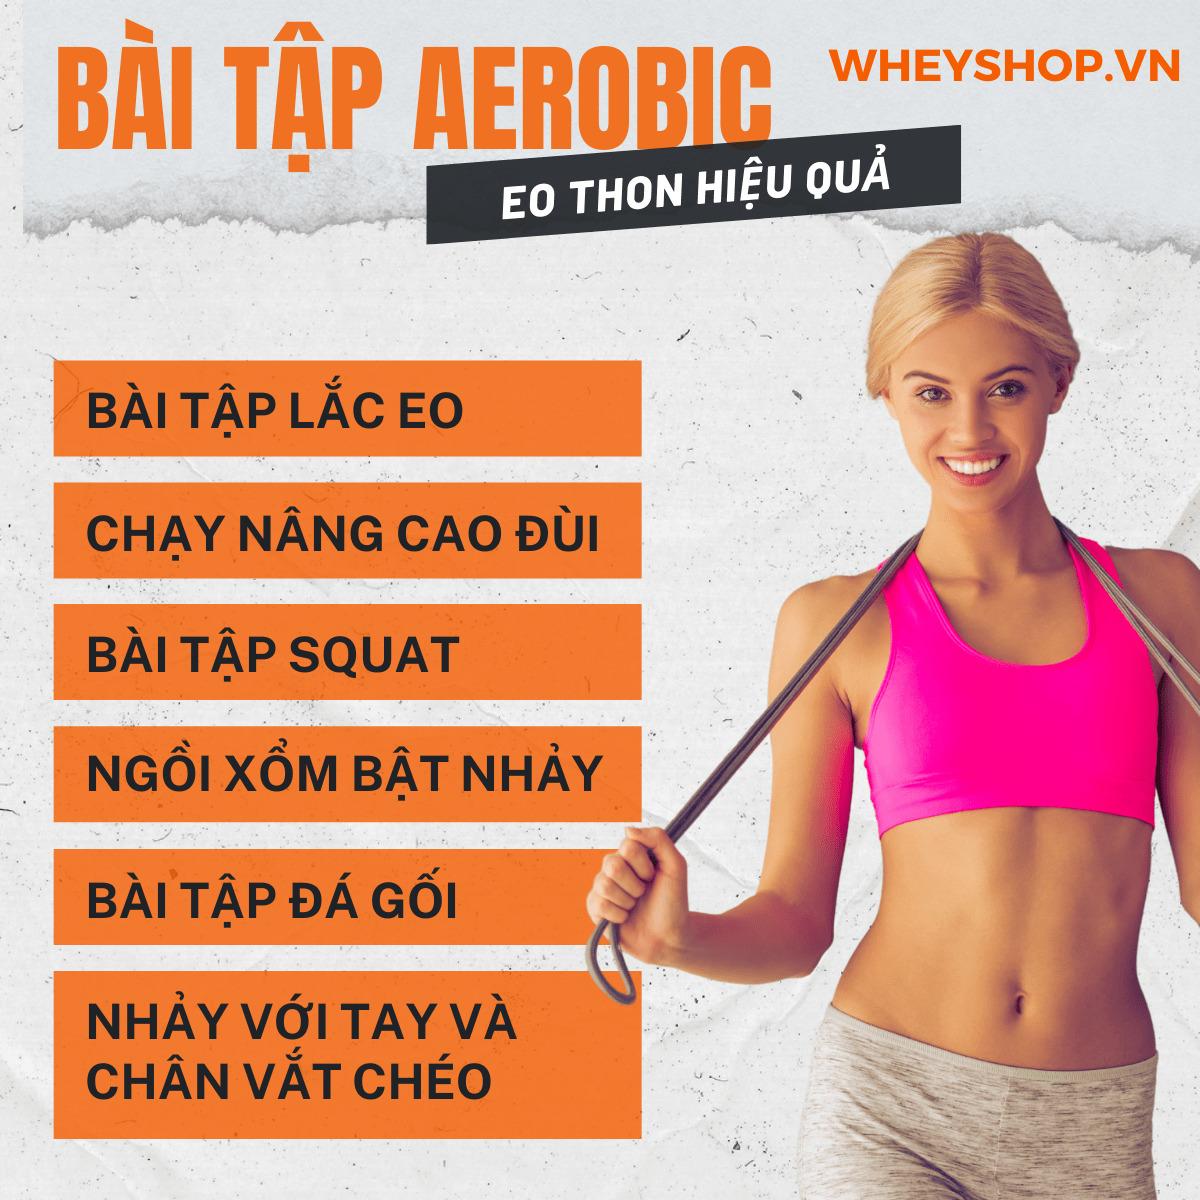 Đối với một số người mới bắt đầu bài tập Aerobic eo thon (hay còn được gọi là thể dục nhịp điệu) sẽ khá khó khăn nhưng tất cả những gì bạn cần làm là kiên...